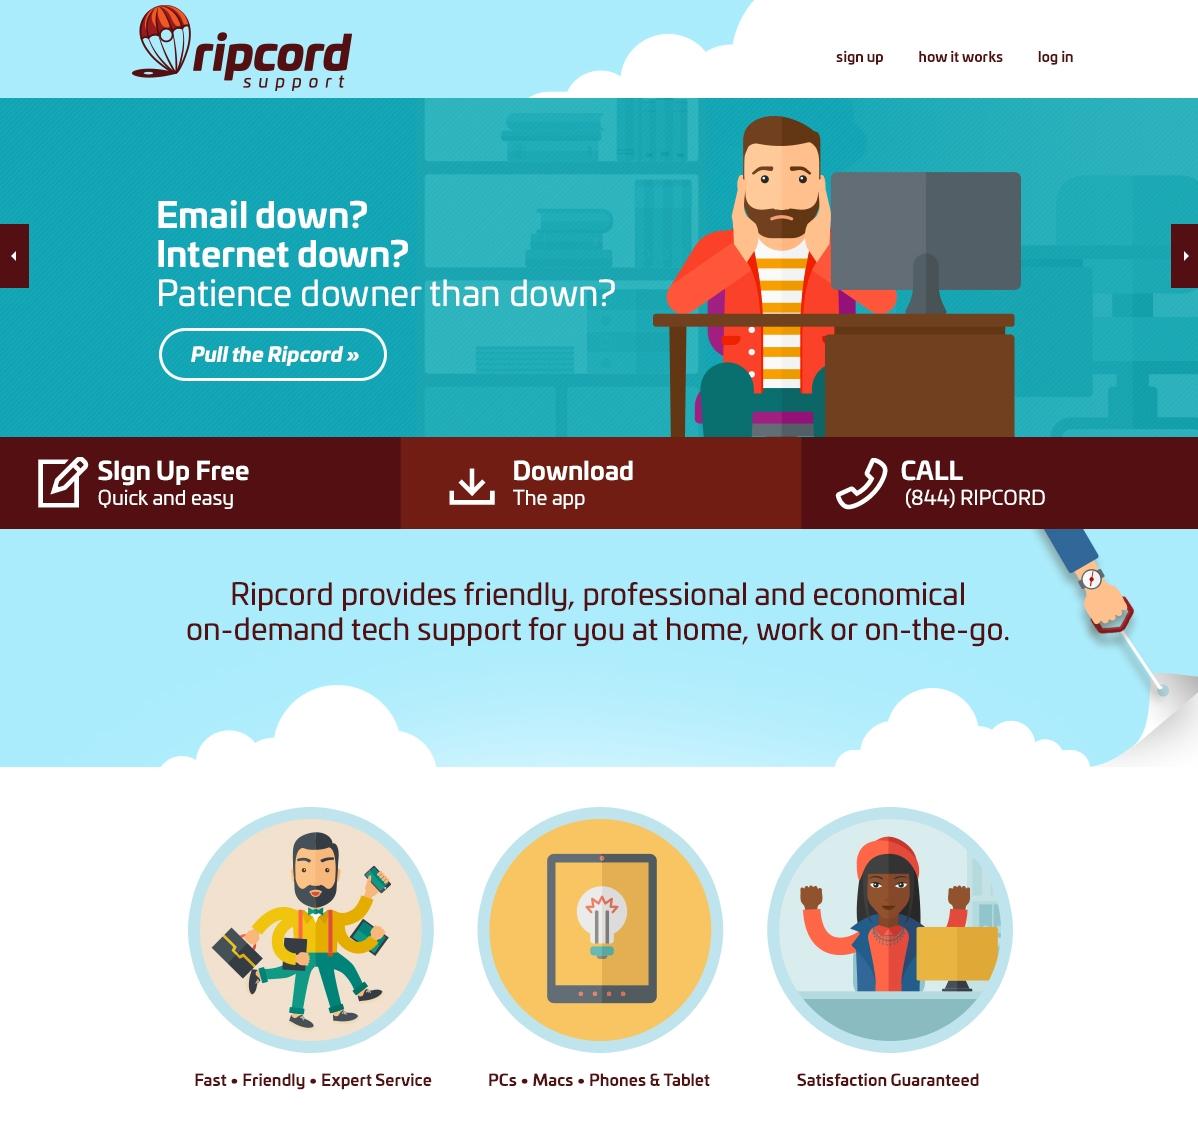 CLICK TO VISIT RIPCORDSUPPORT.COM